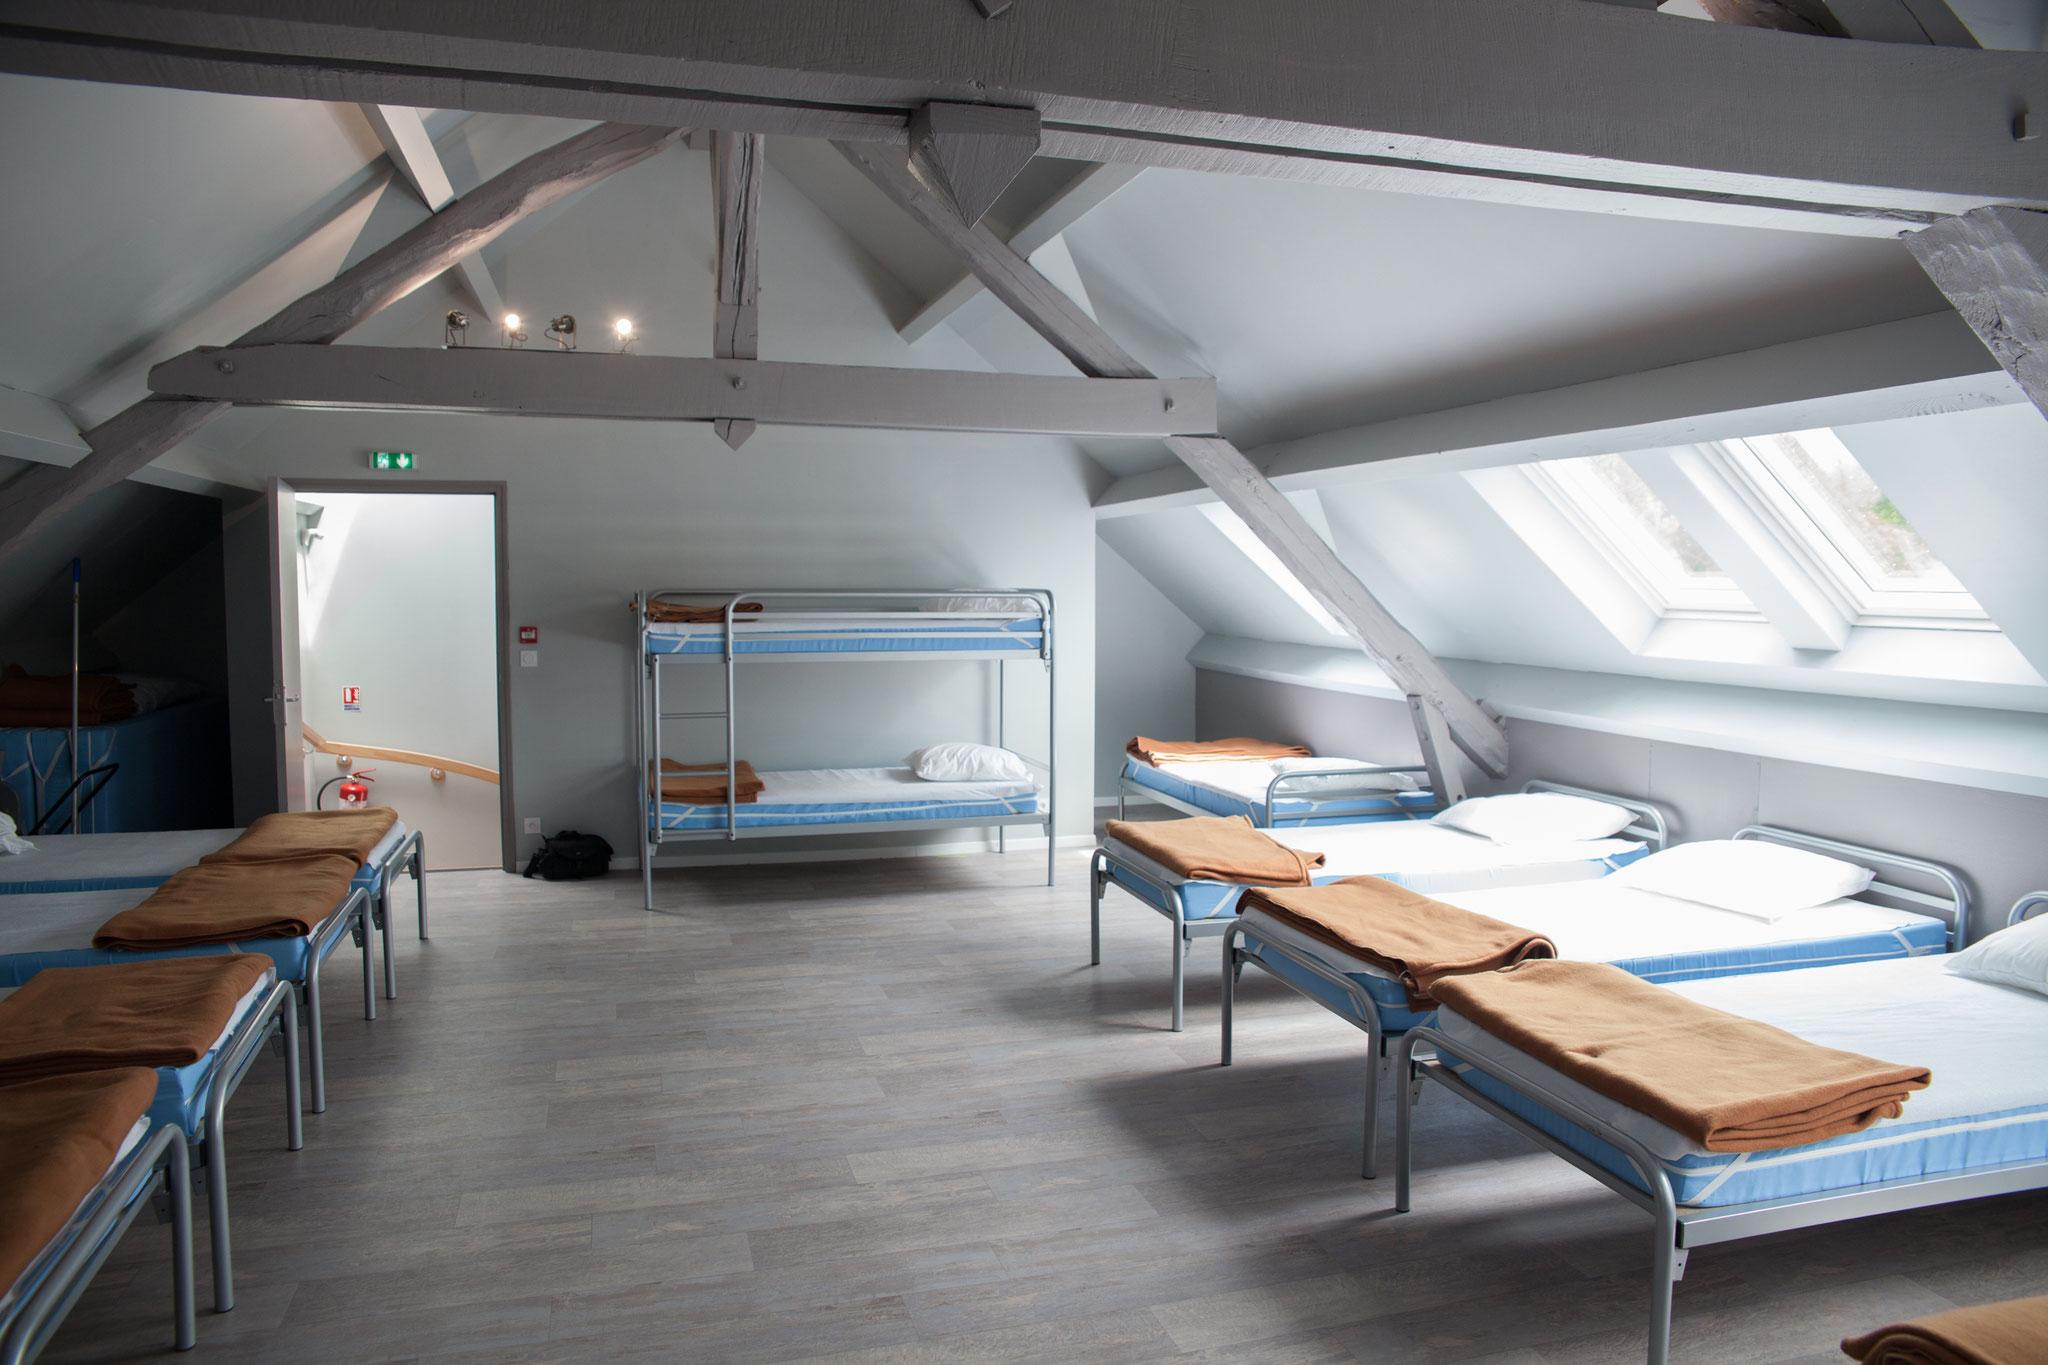 Dortoir 12 couchages + matelas indépendants